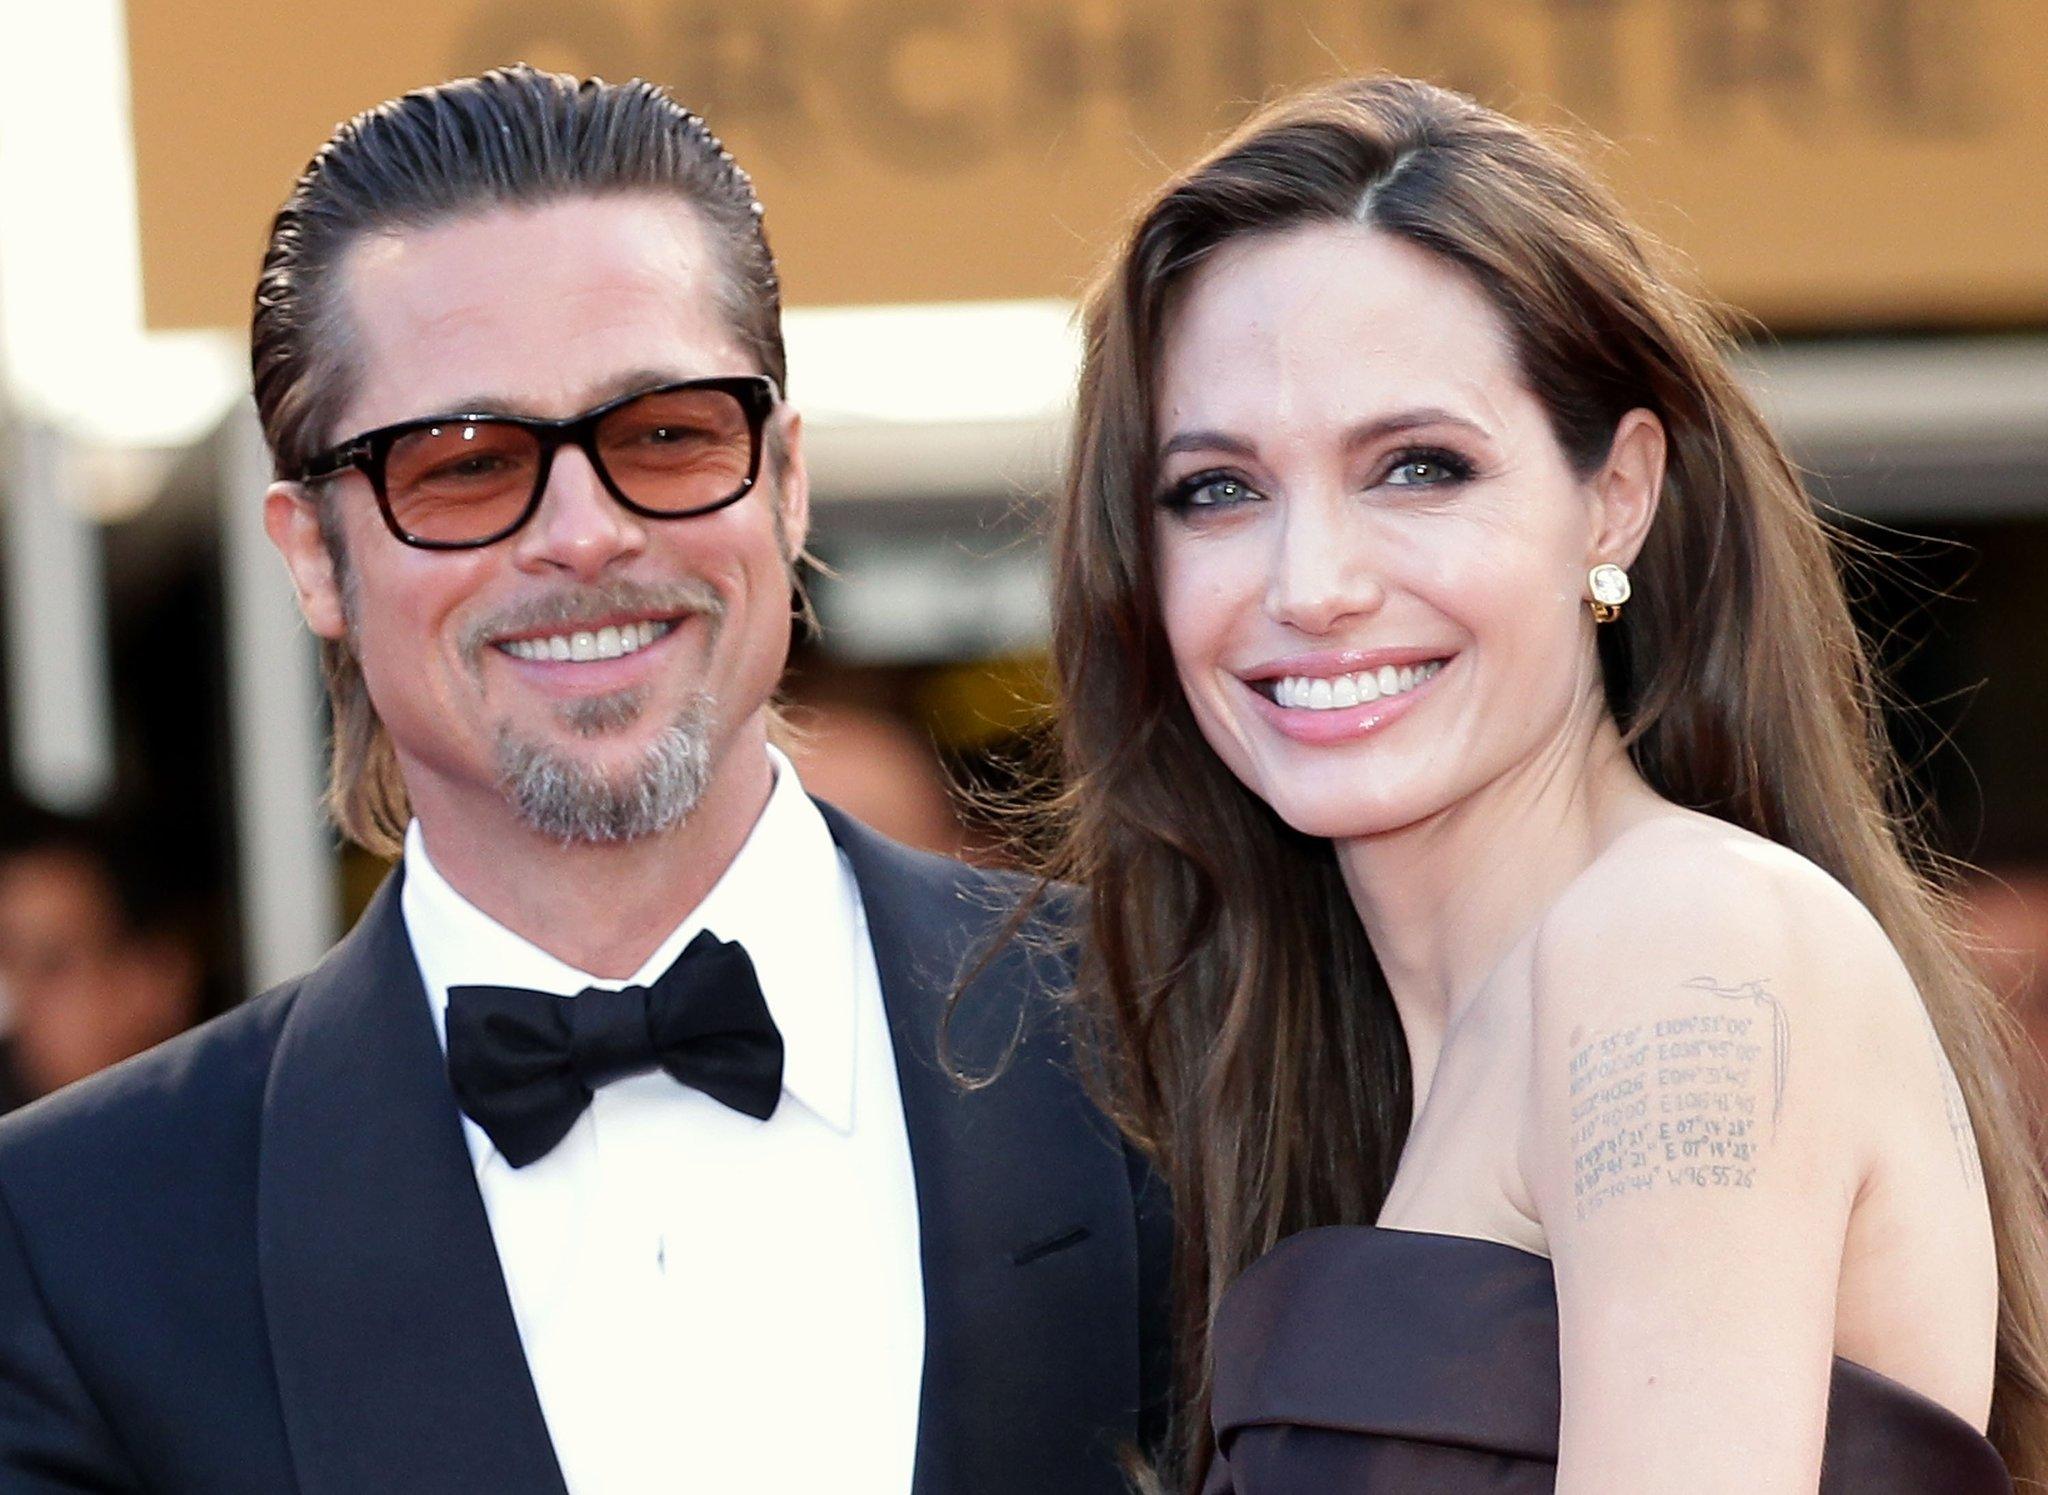 """tmp jz2gln 17463547eeddf683 gettyimages 114214494.jpg?resize=1200,630 - Divórcio de Angelina Jolie e Brad Pitt está """"entrando em uma nova fase"""" enquanto custódia dos filhos é discutida"""